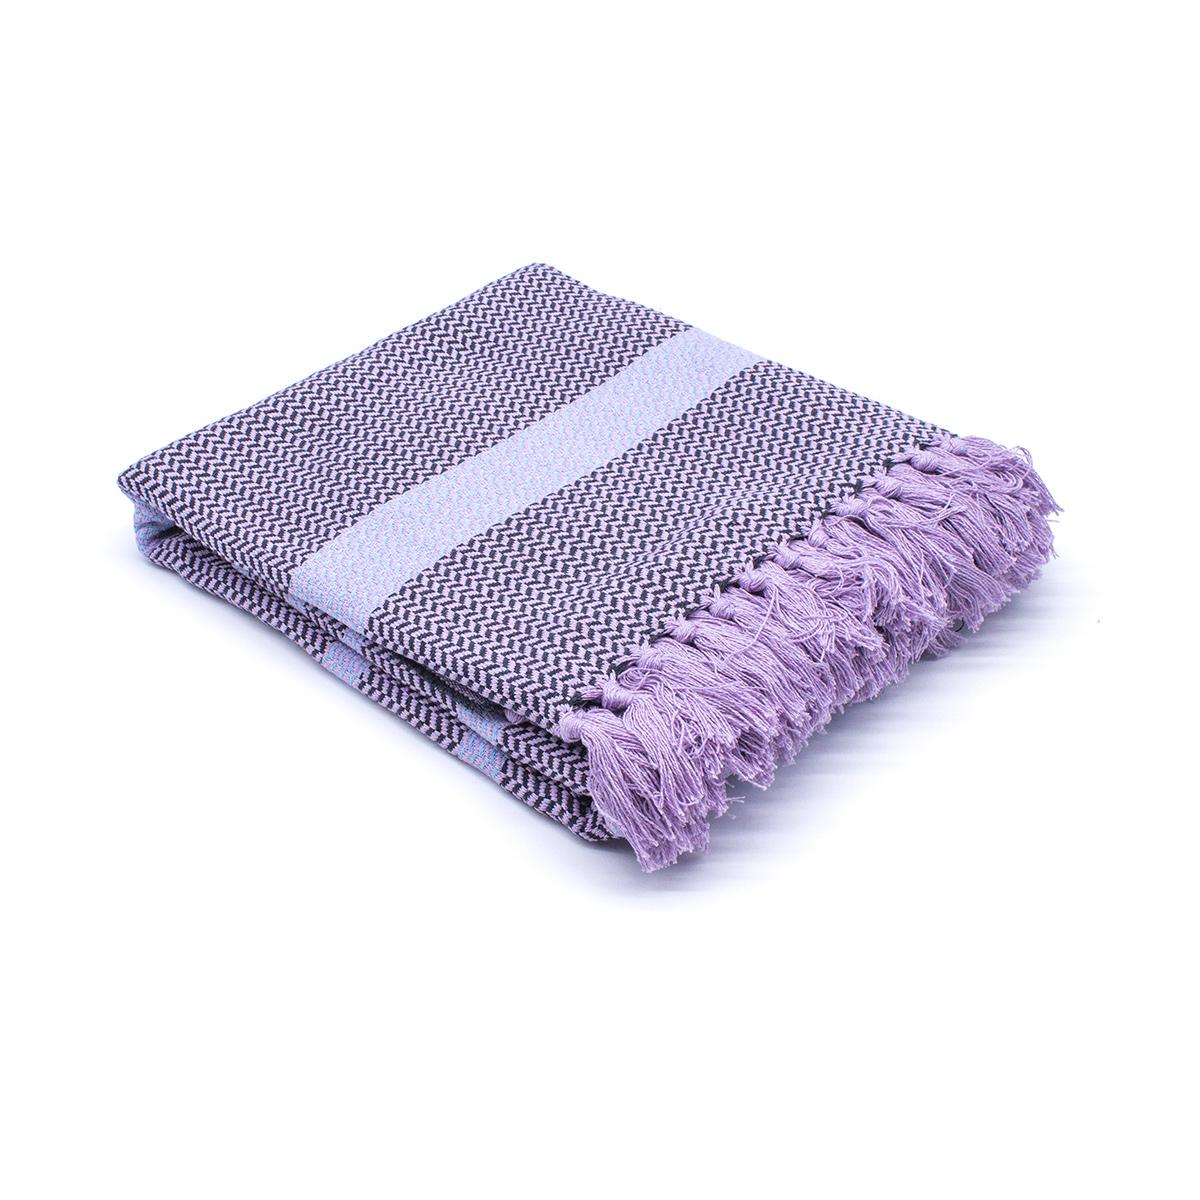 Одеяло Bora 100% памук